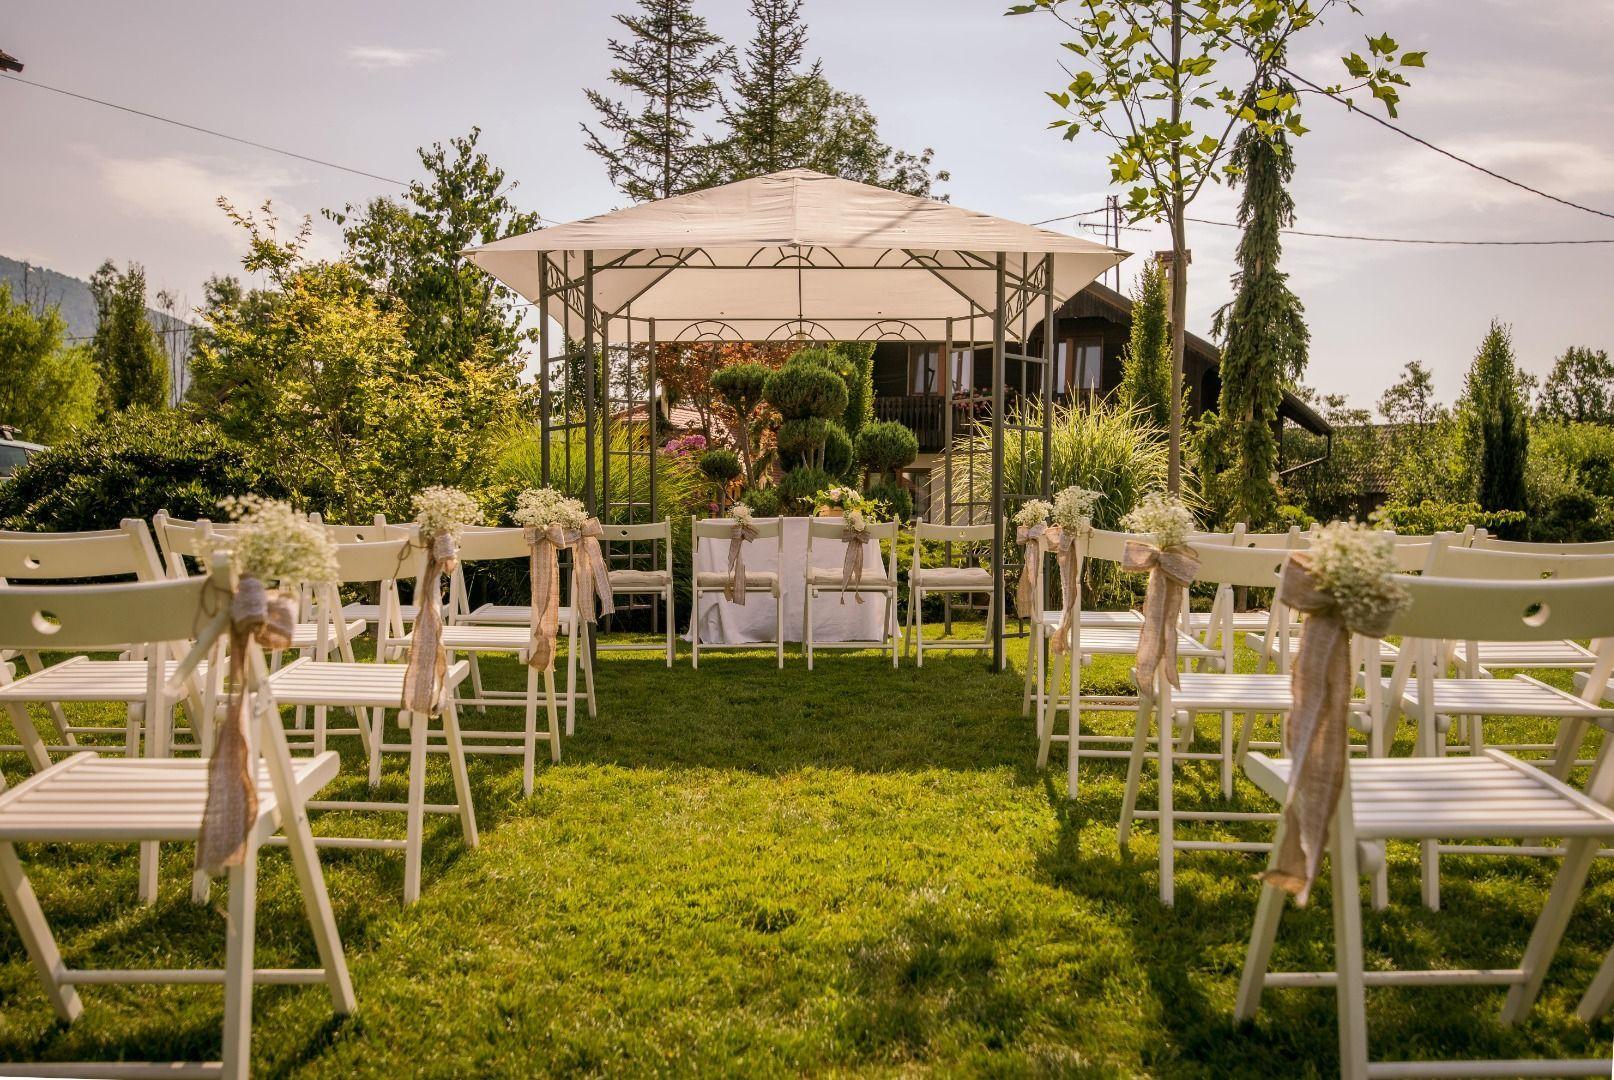 Hochzeitslocations in Chemnitz